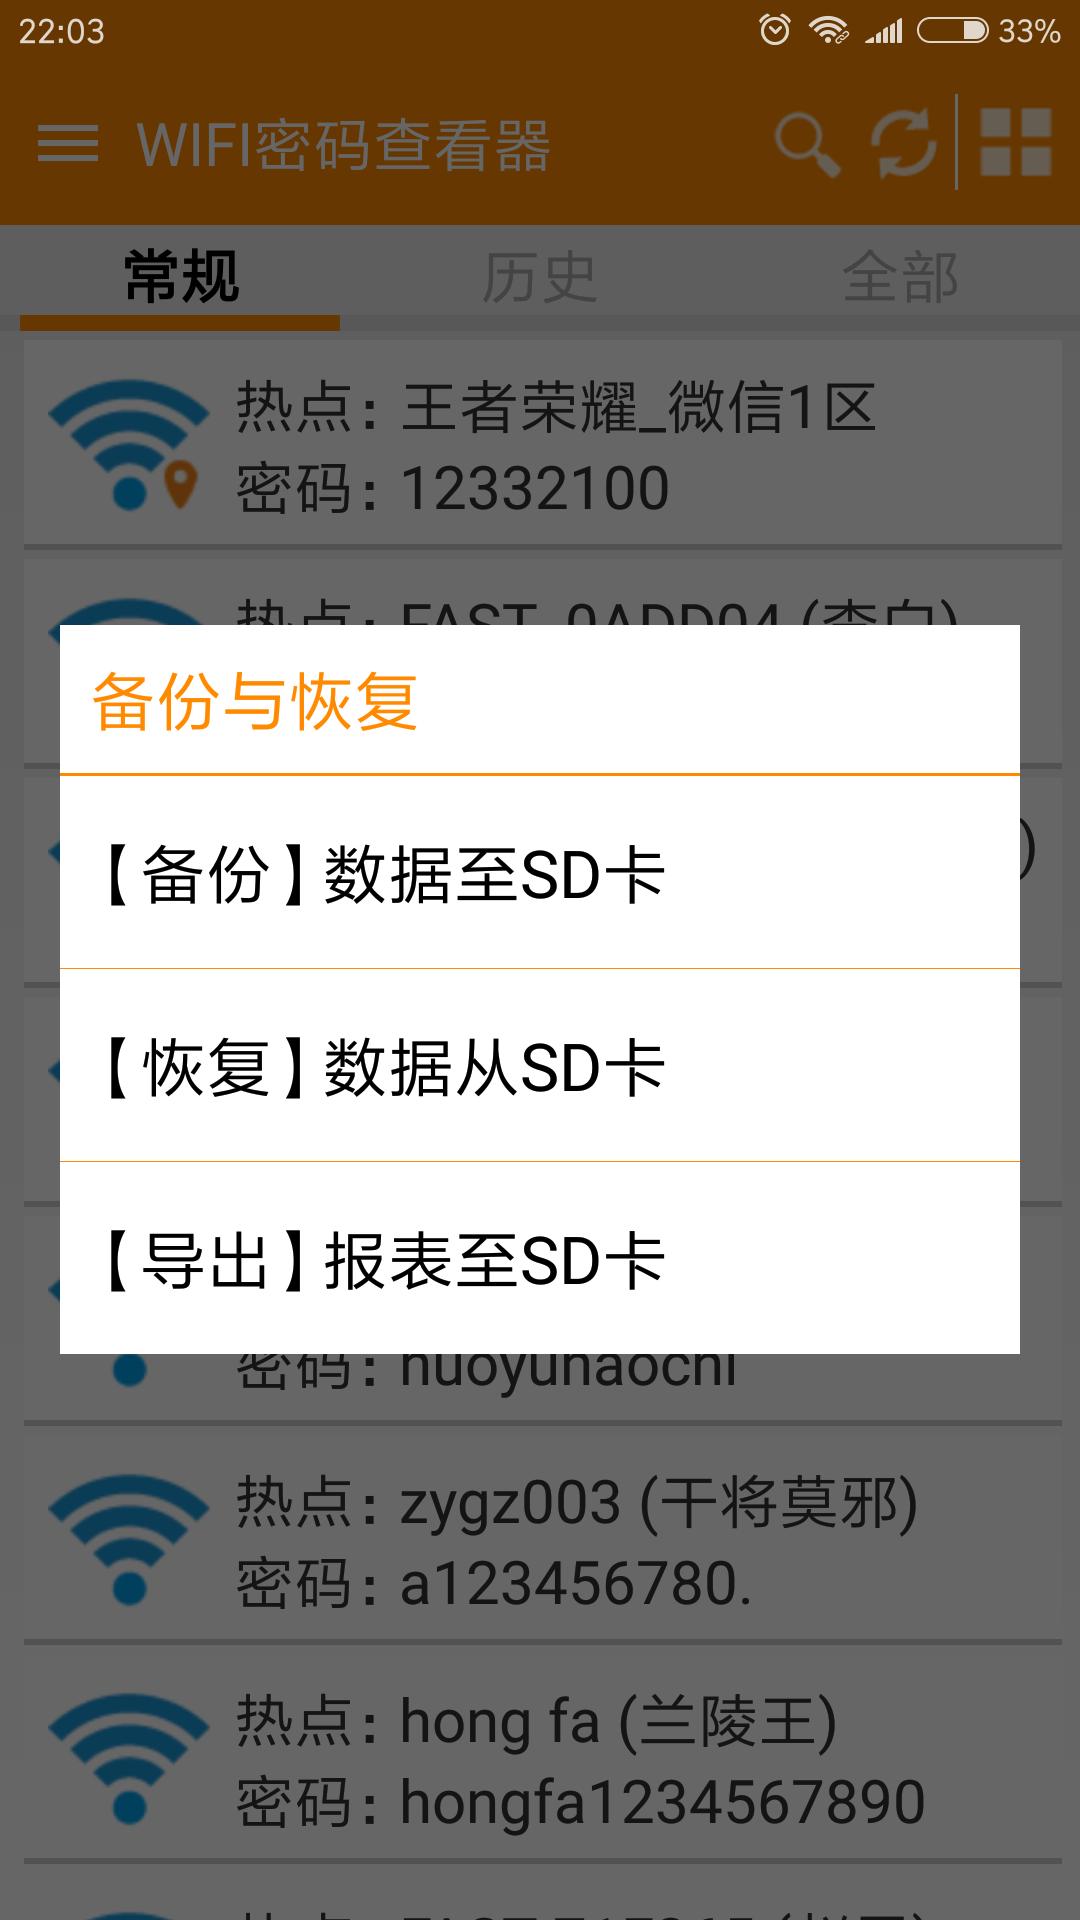 wifi密码查看器_WIFI密码查看器下载|WIFI密码查看器手机版_最新WIFI密码查看器安卓 ...